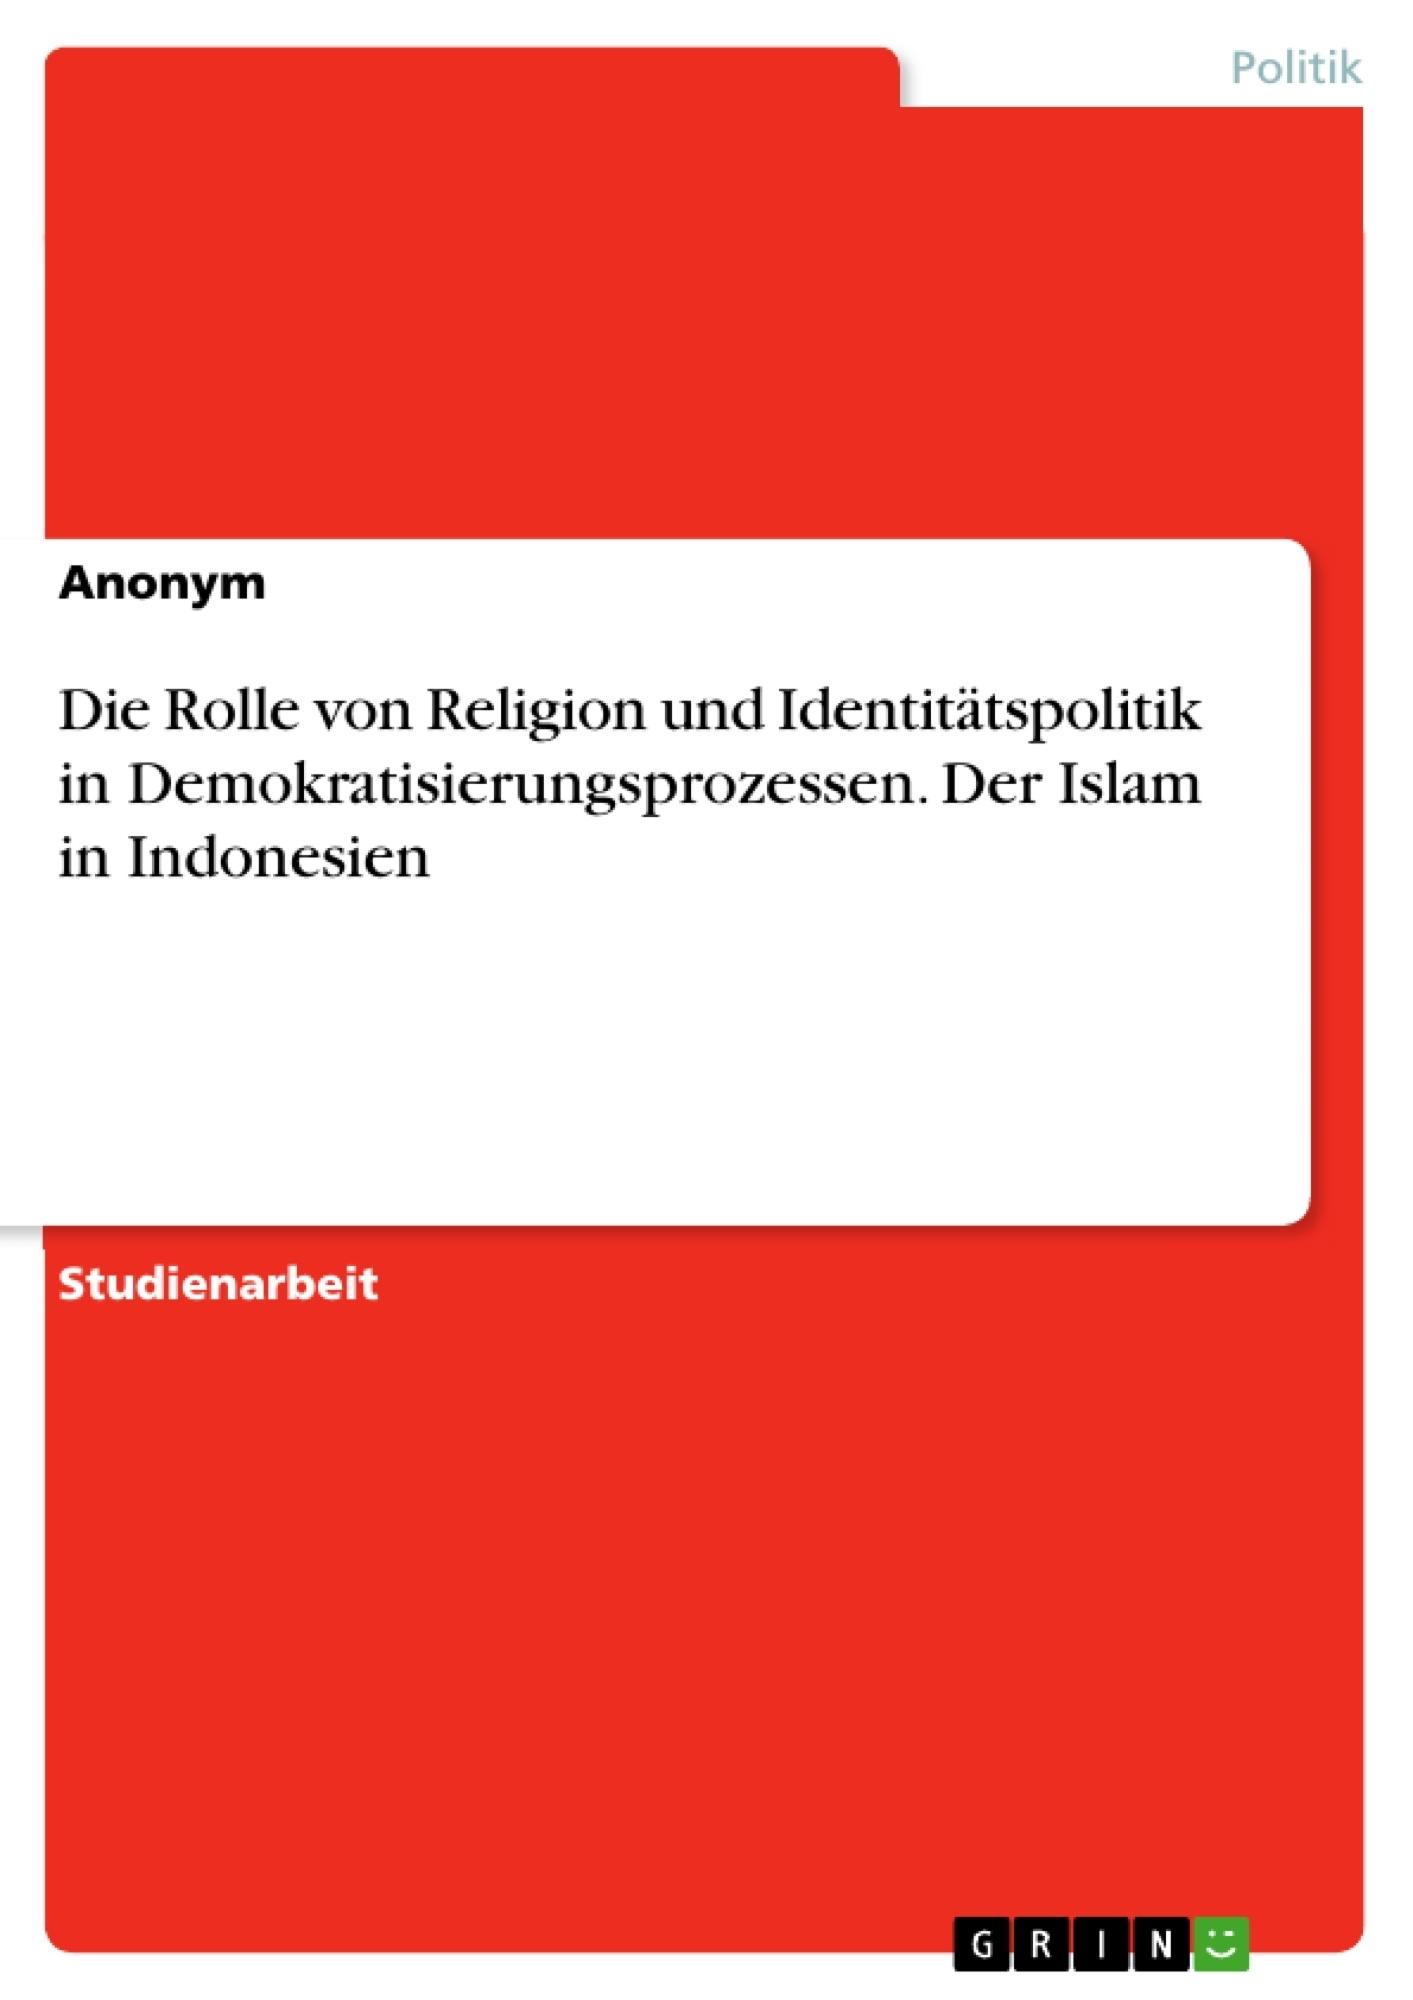 Titel: Die Rolle von Religion und Identitätspolitik in Demokratisierungsprozessen. Der Islam in Indonesien